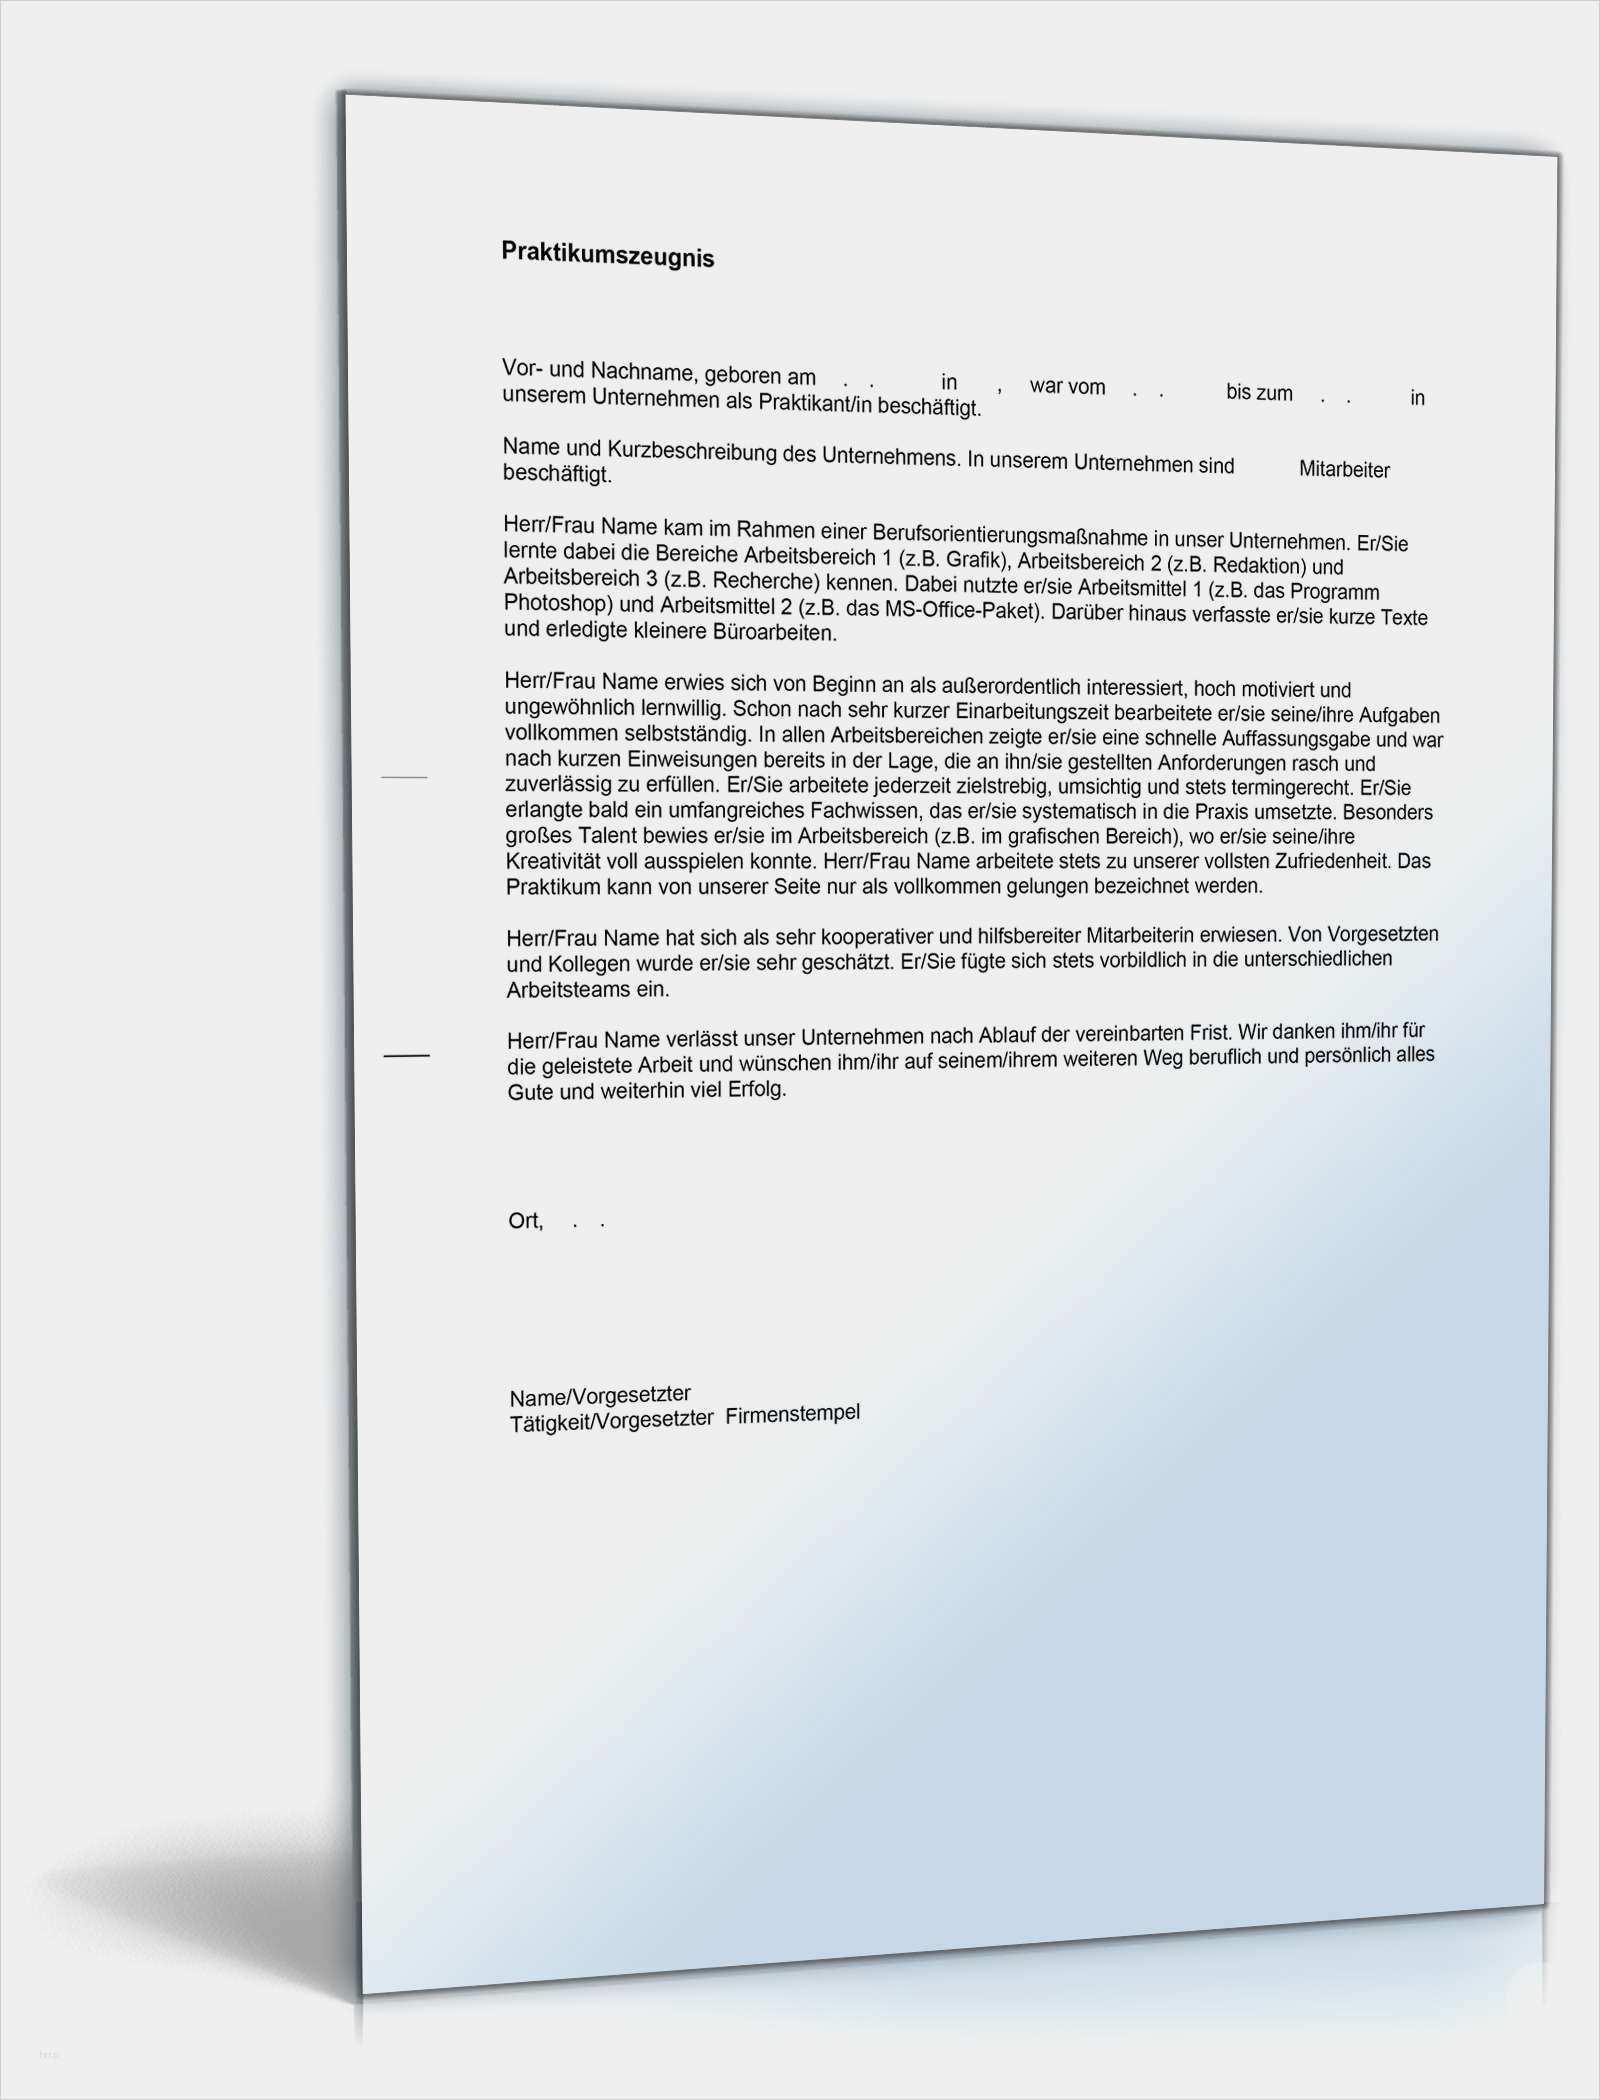 31 Wunderbar Praktikumszeugnis Vorlage Pdf Galerie Arbeitszeugnis Zeugnis Lebenslauf Vorlagen Word